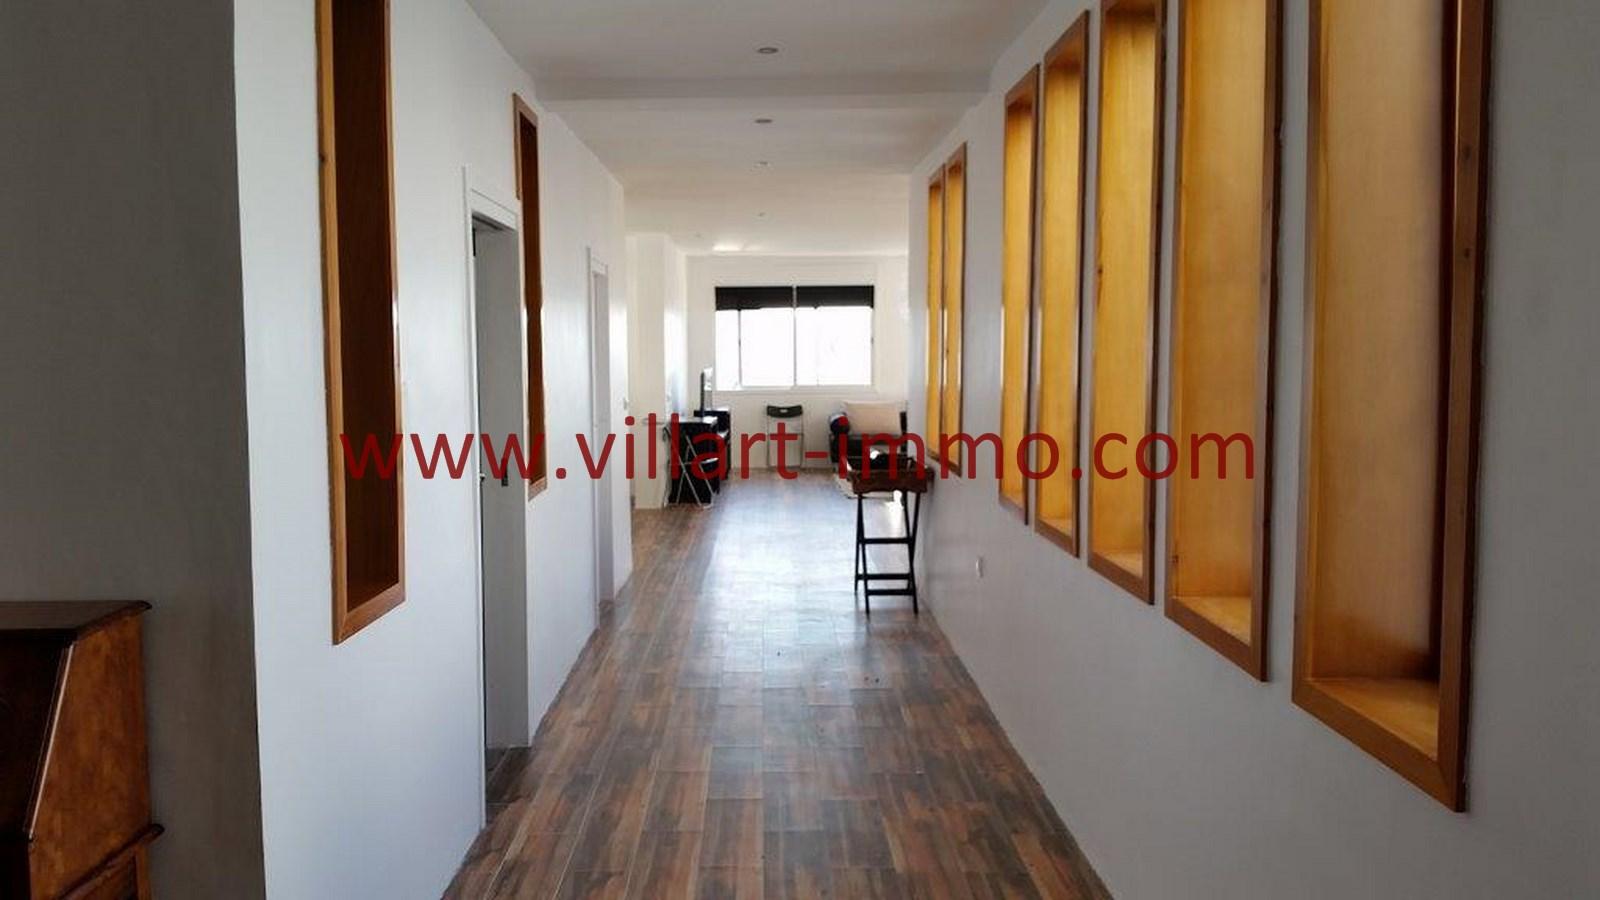 2-Vente-Appartement-Tanger-Centre-De-Ville-Entrée-VA518-Villart Immo